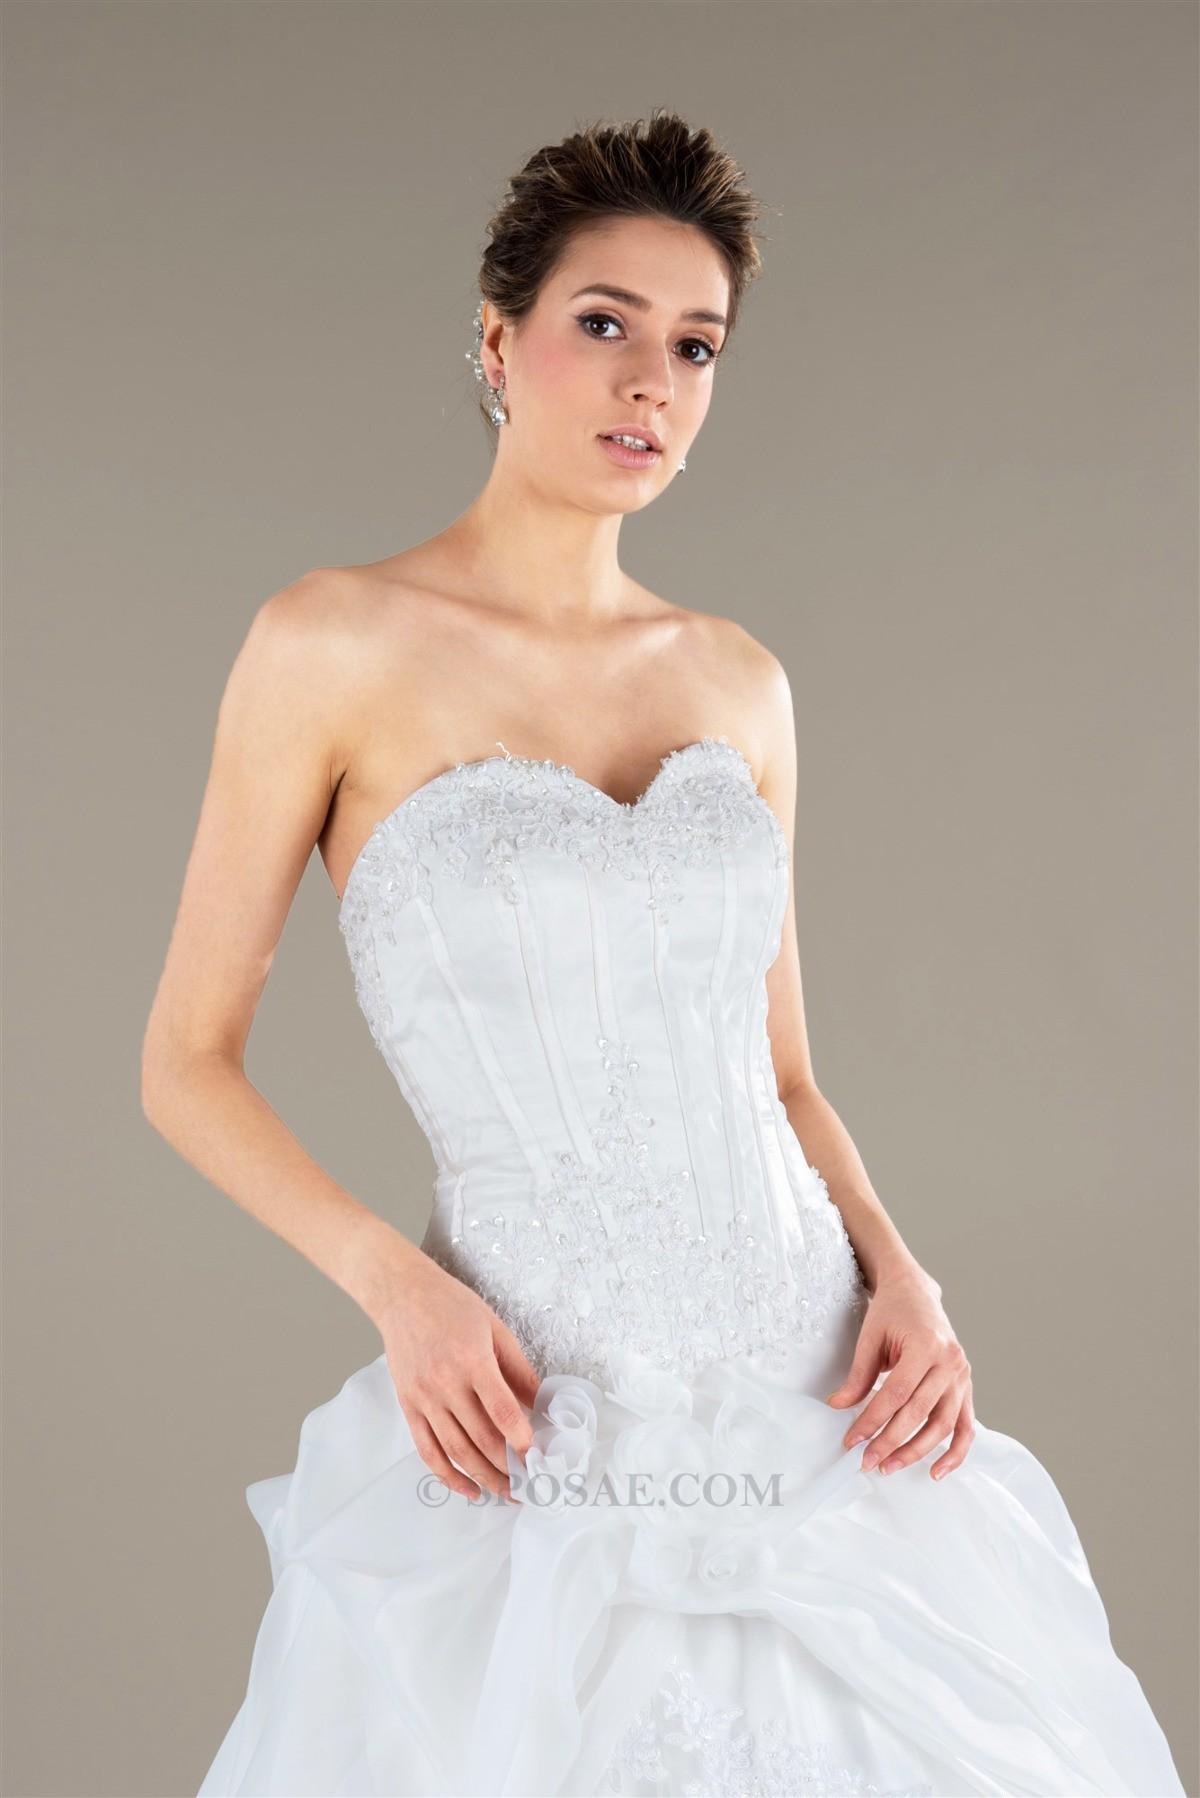 Vestito da sposa: quale stoffa scegliere?